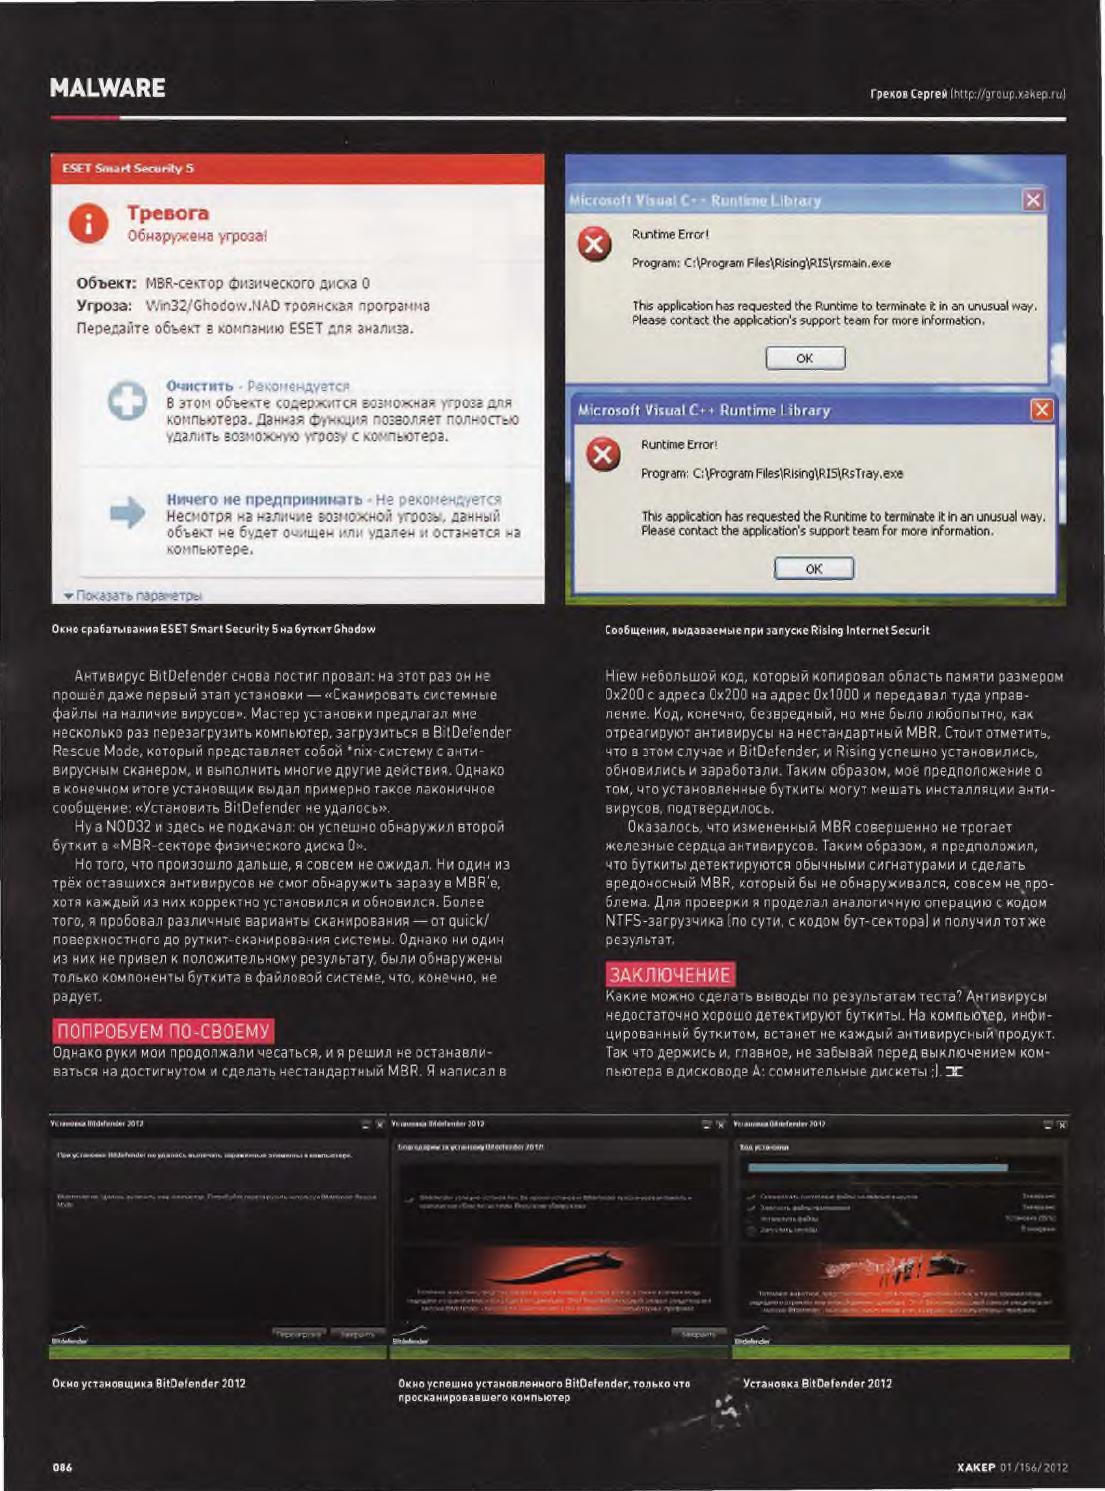 смотреть лучшие каталоги порносайтов без угроз для компьютера кончил, снова